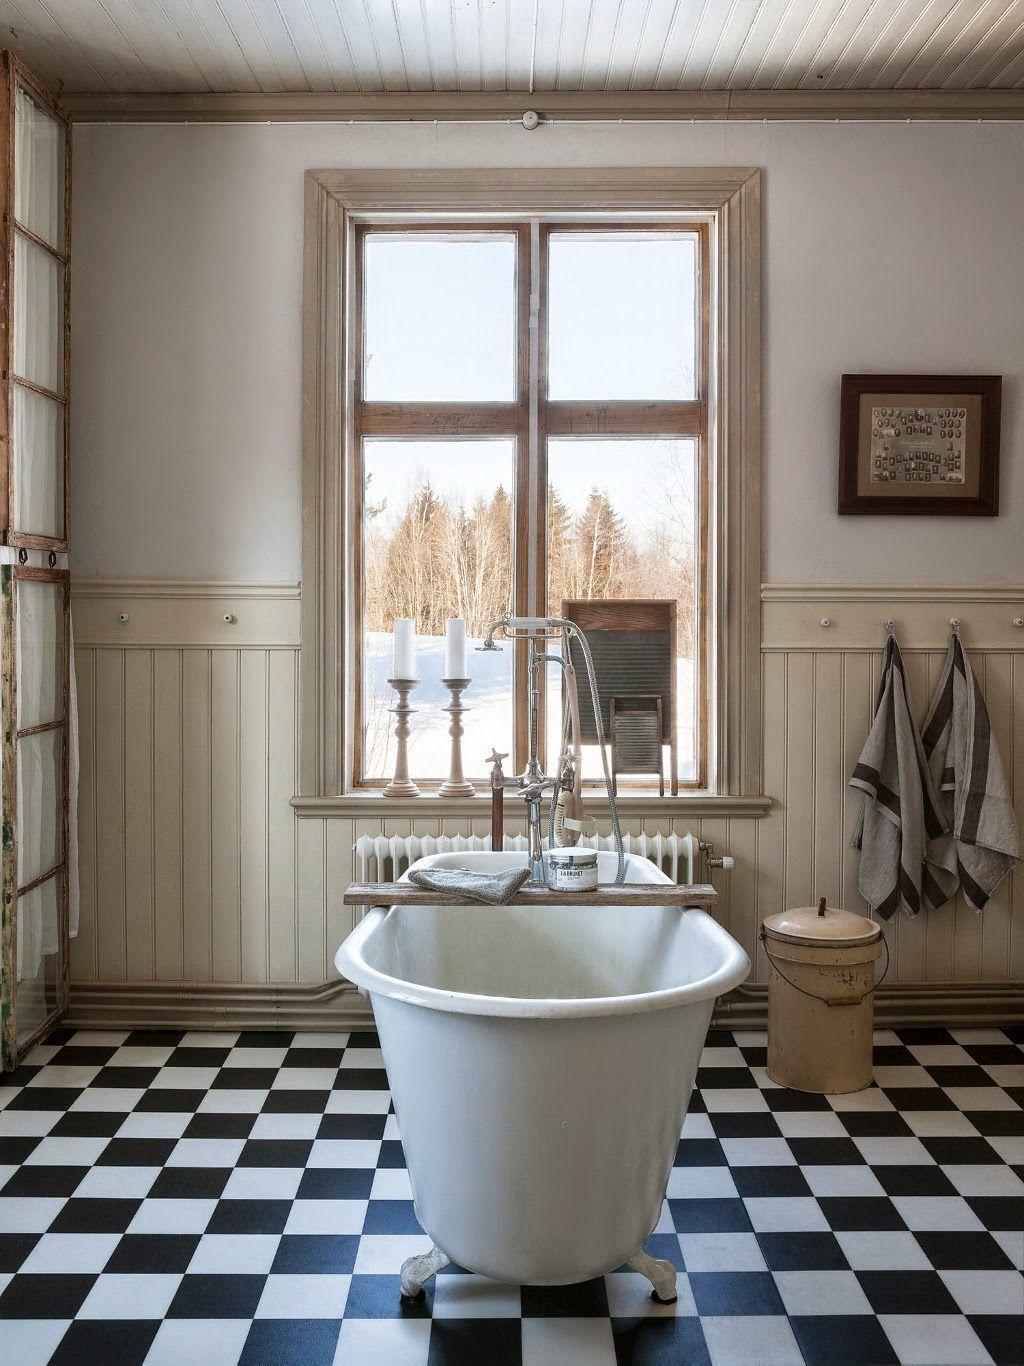 Vintage Una reforma de baño en estilo vintage rústico ...